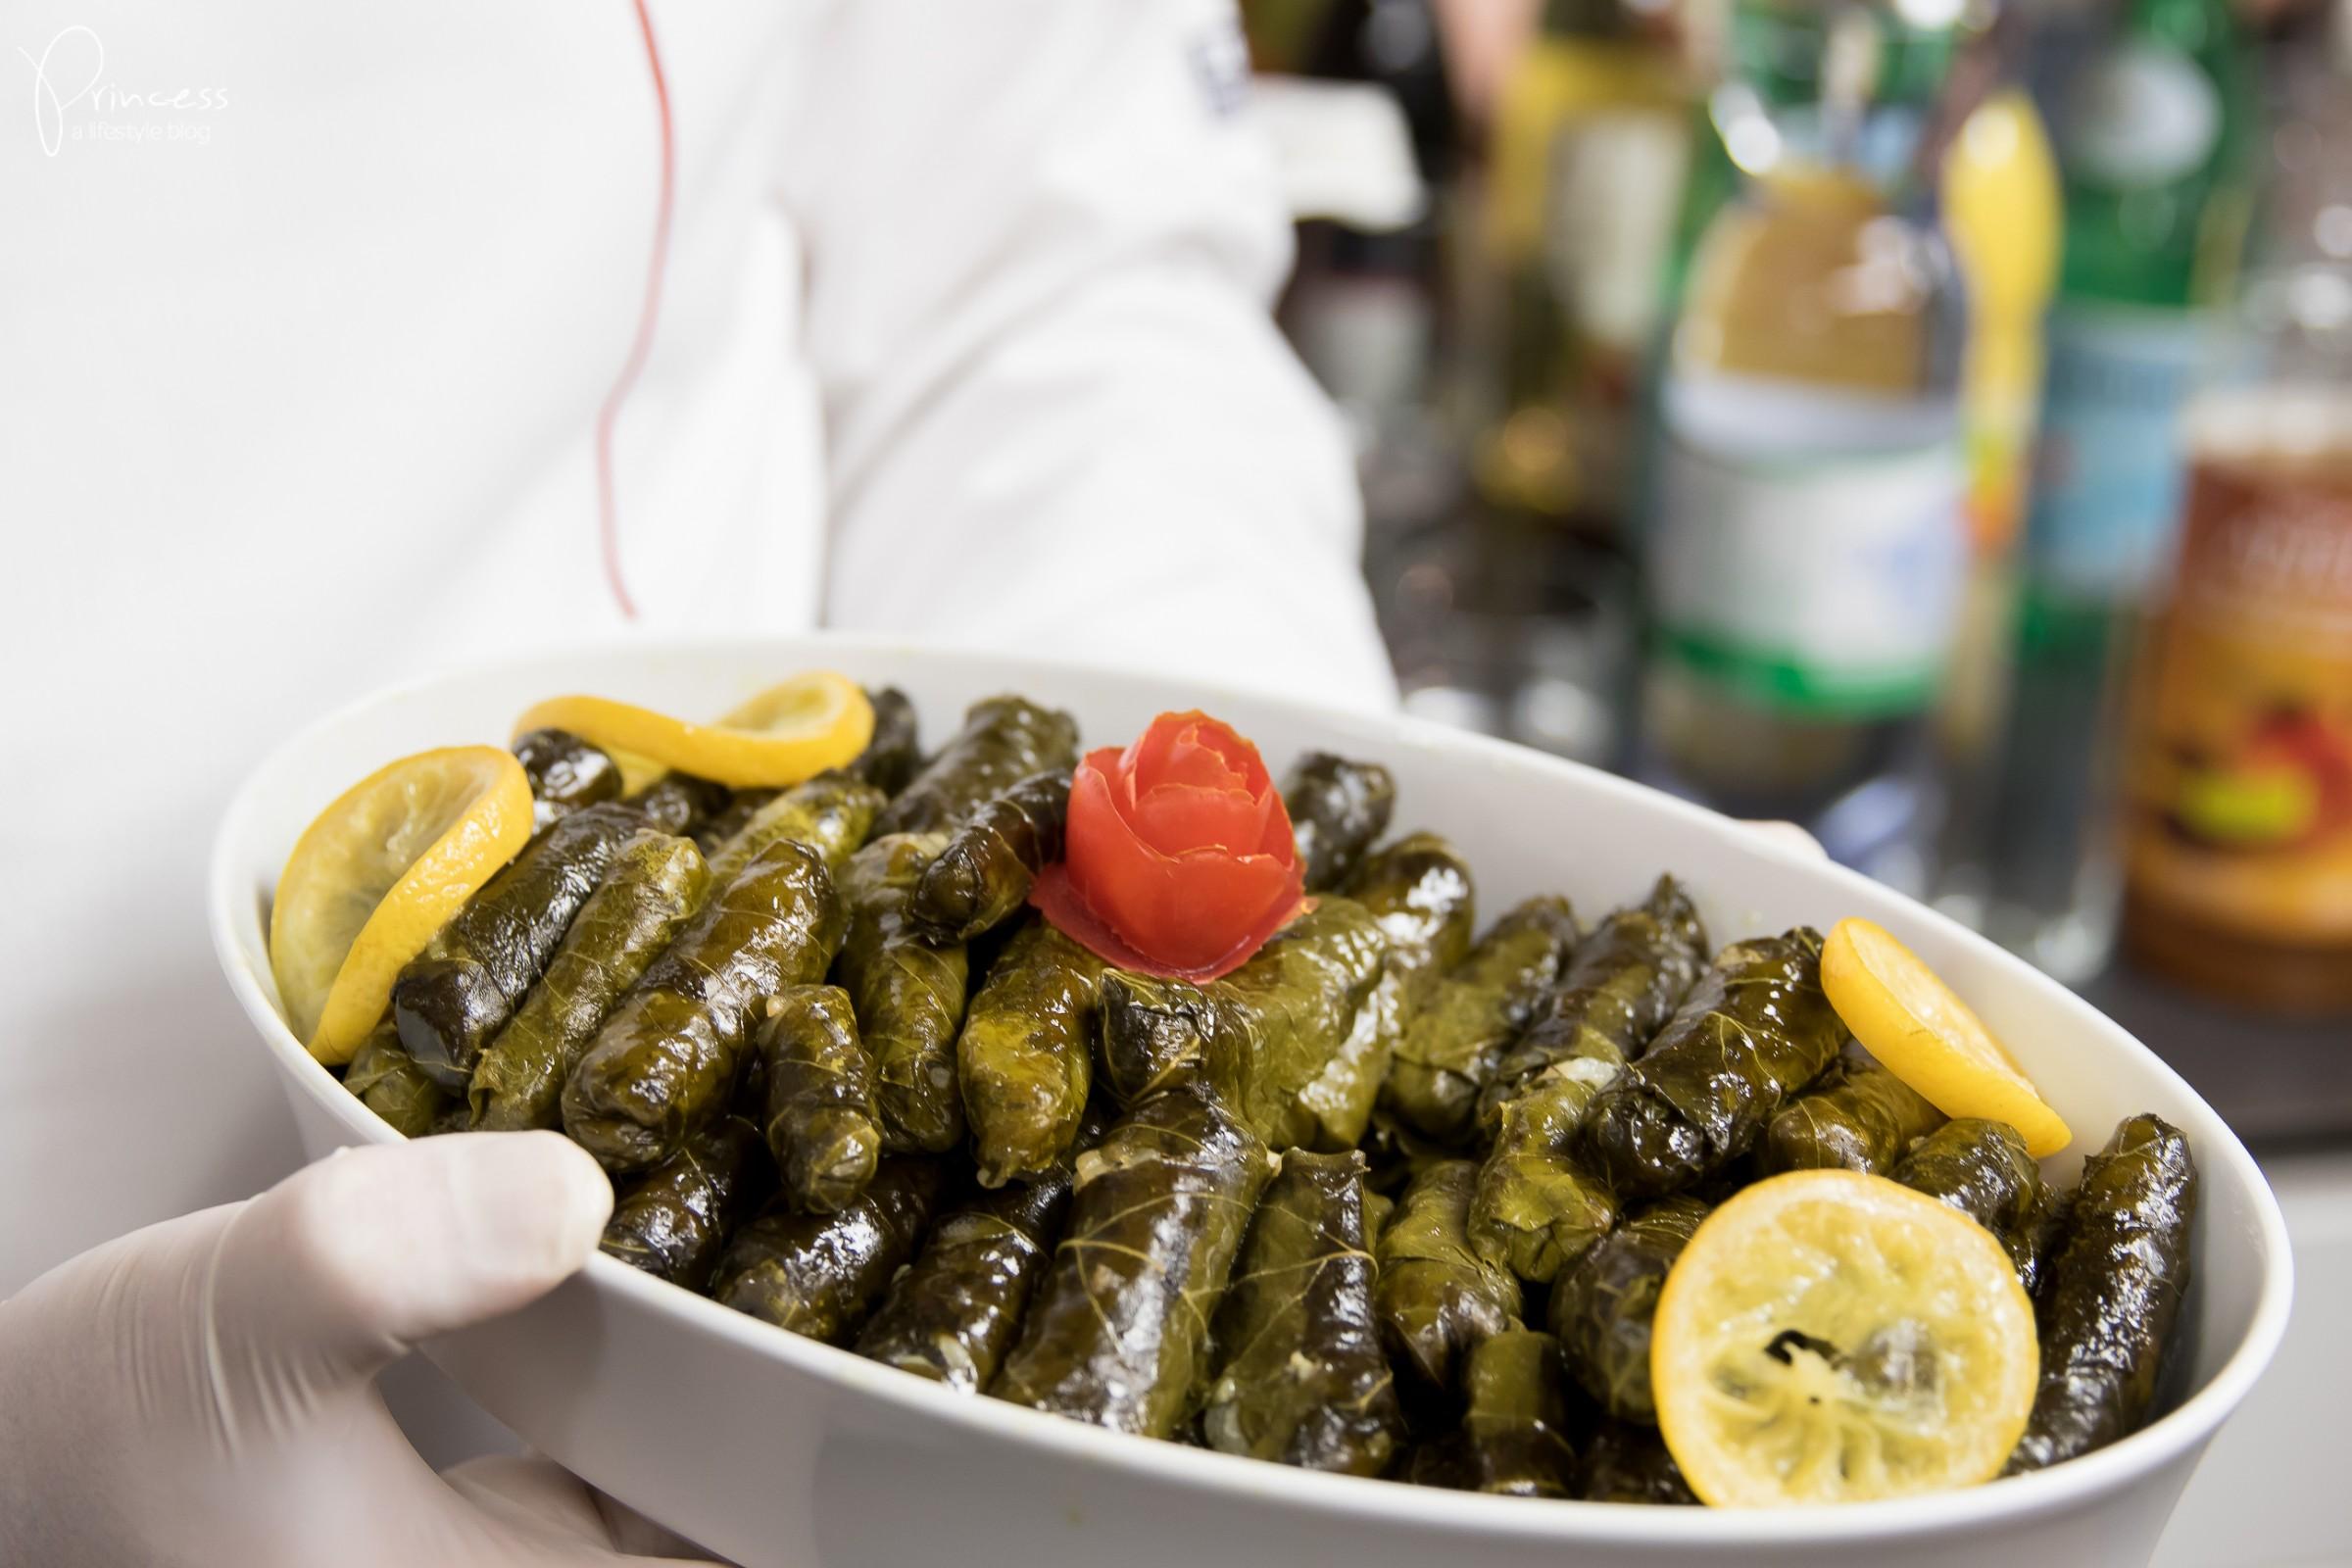 Outdoor Küche Aus Türkei : Türkei urlaub günstige pauschalreisen türkei bei fti